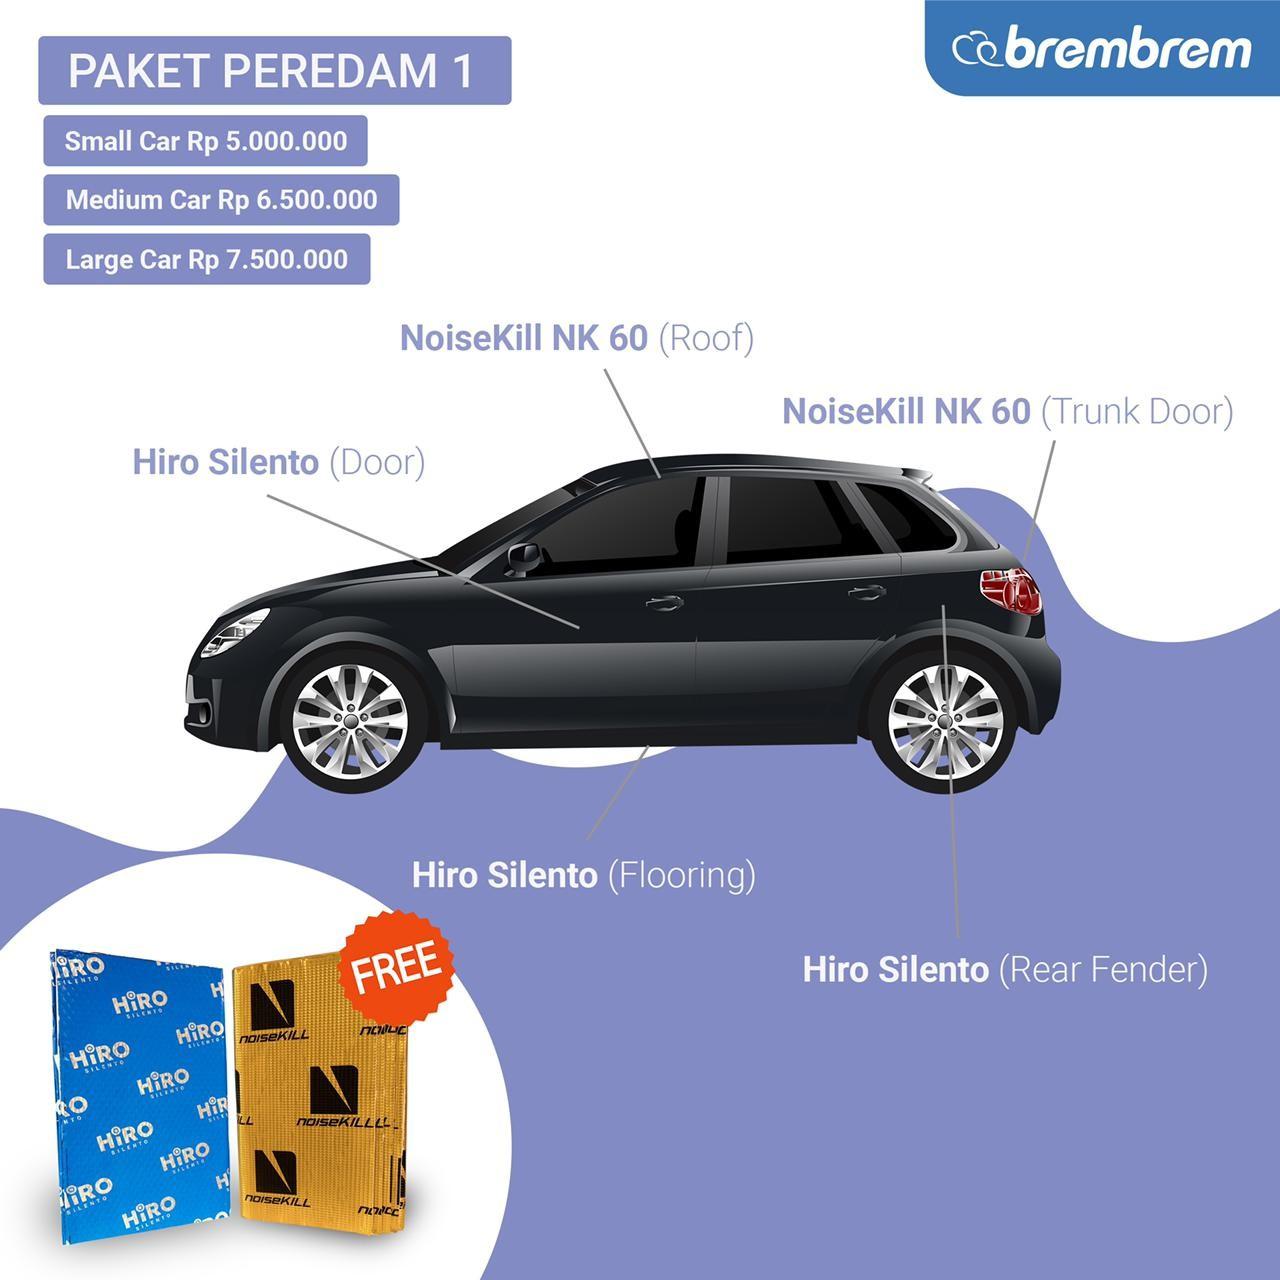 PAKET PEREDAM 1 - PROMO MENANG BANYAK - LARGE CAR